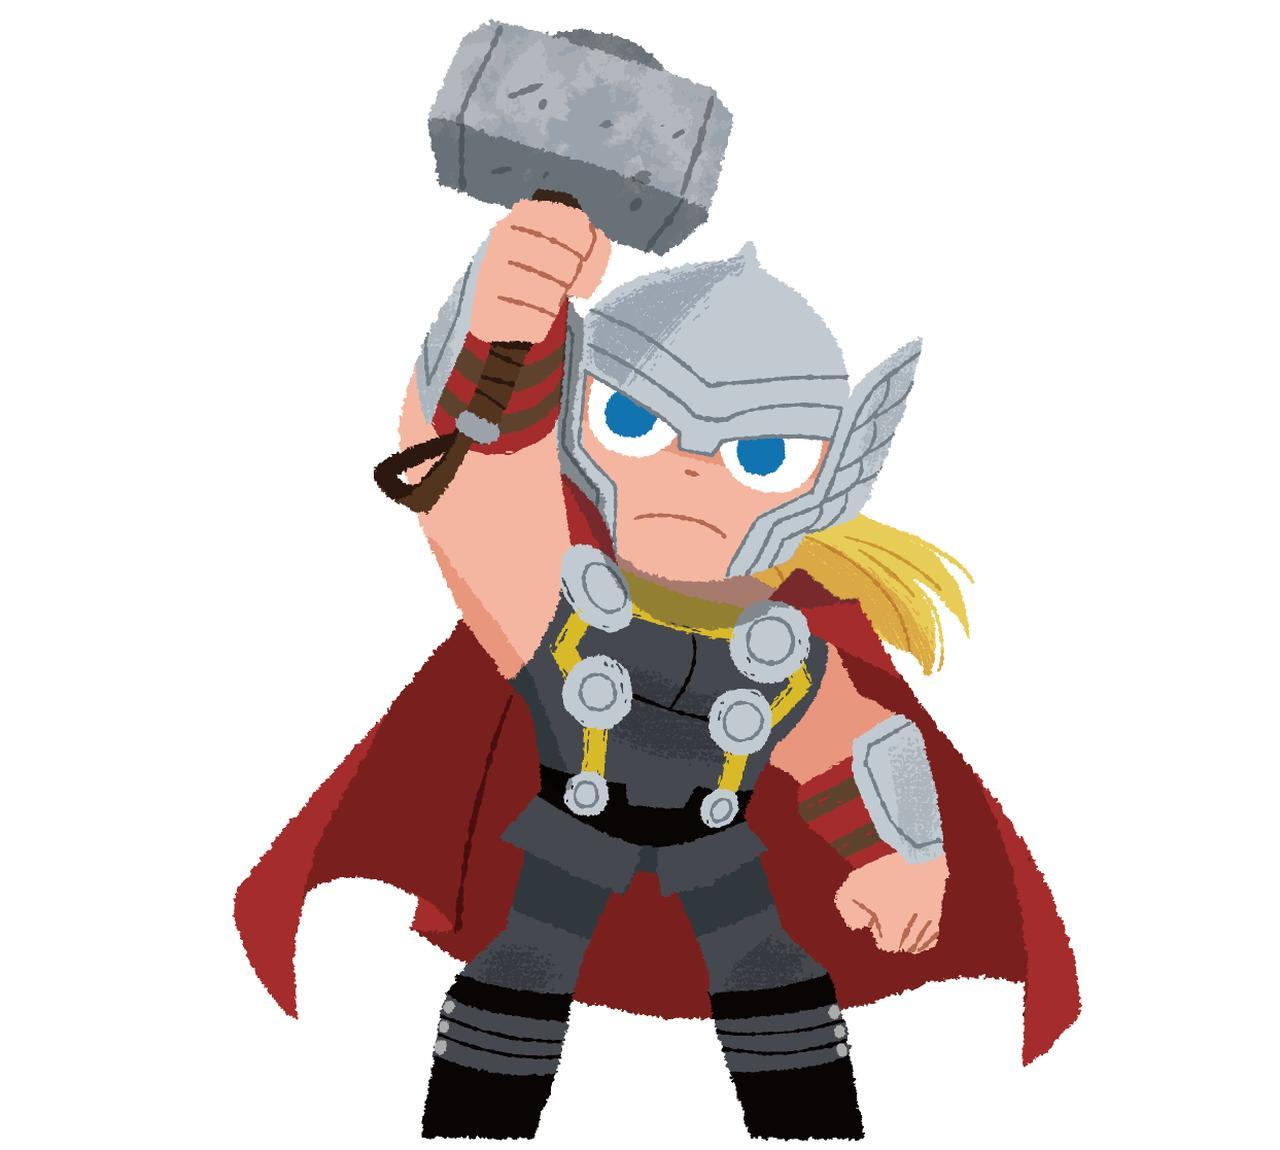 画像 マーベル・キャラクターの中でも最強のペア、ソーとロキ。ソー